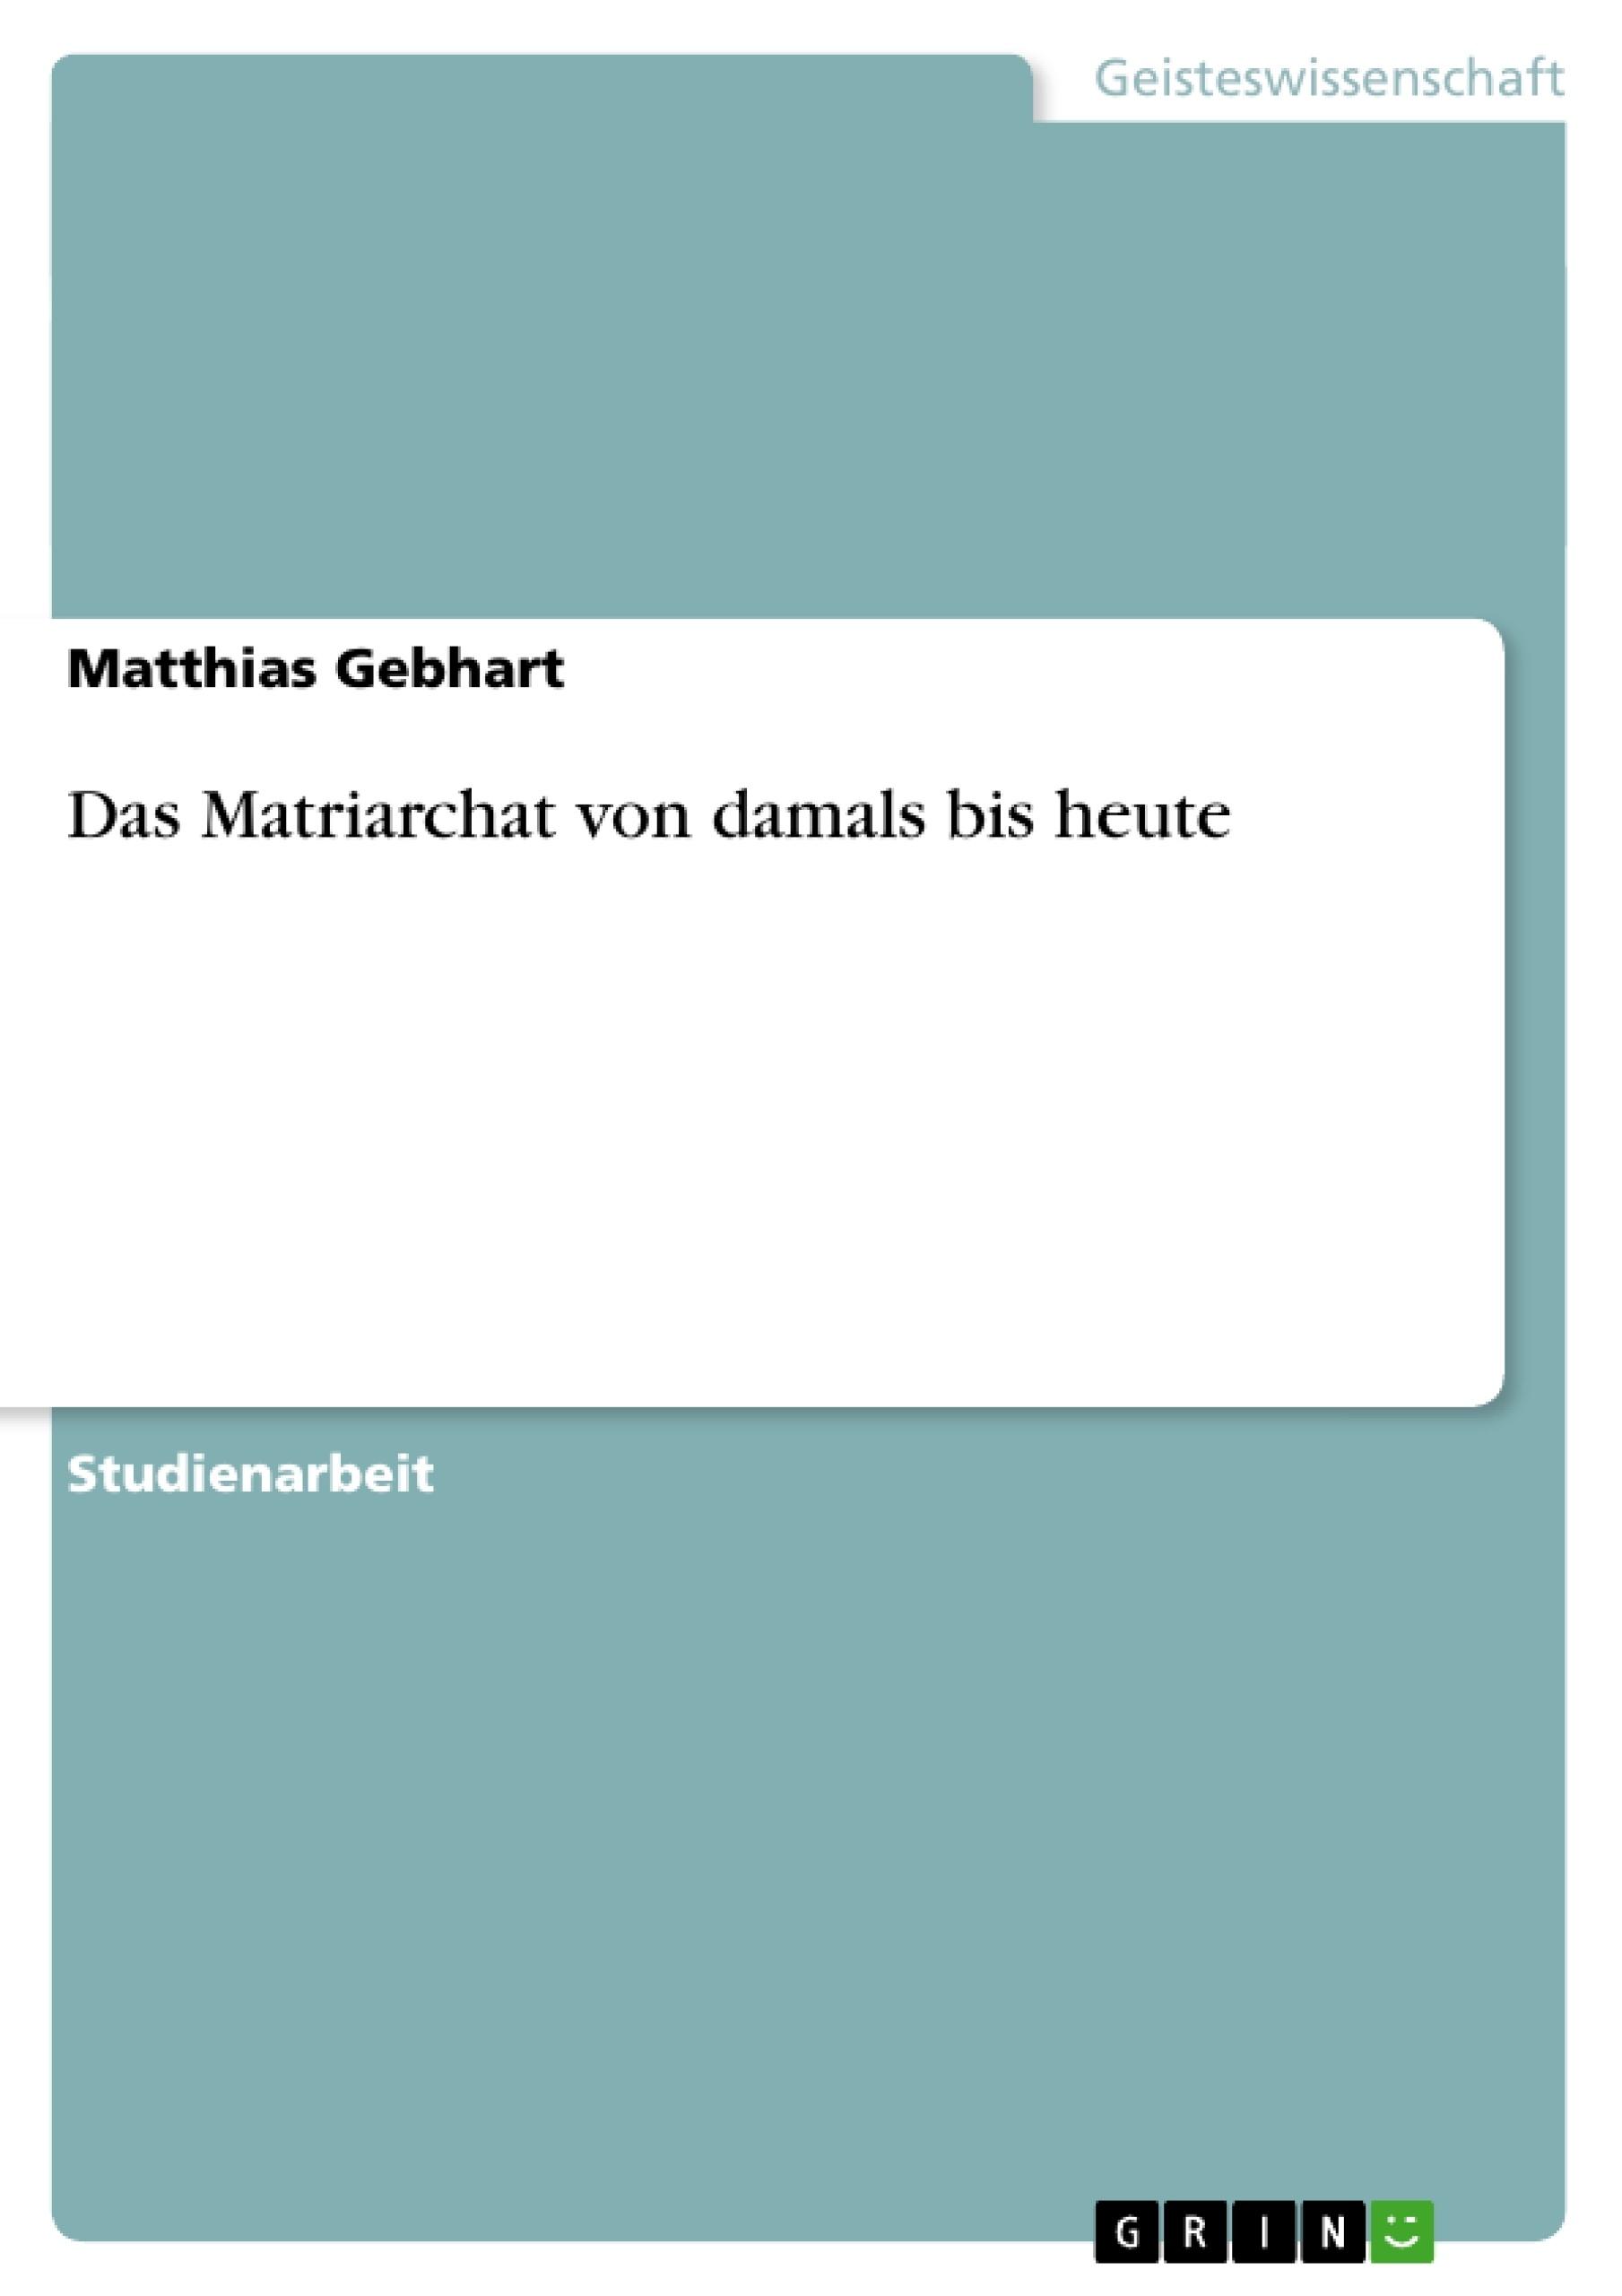 Titel: Das Matriarchat von damals bis heute